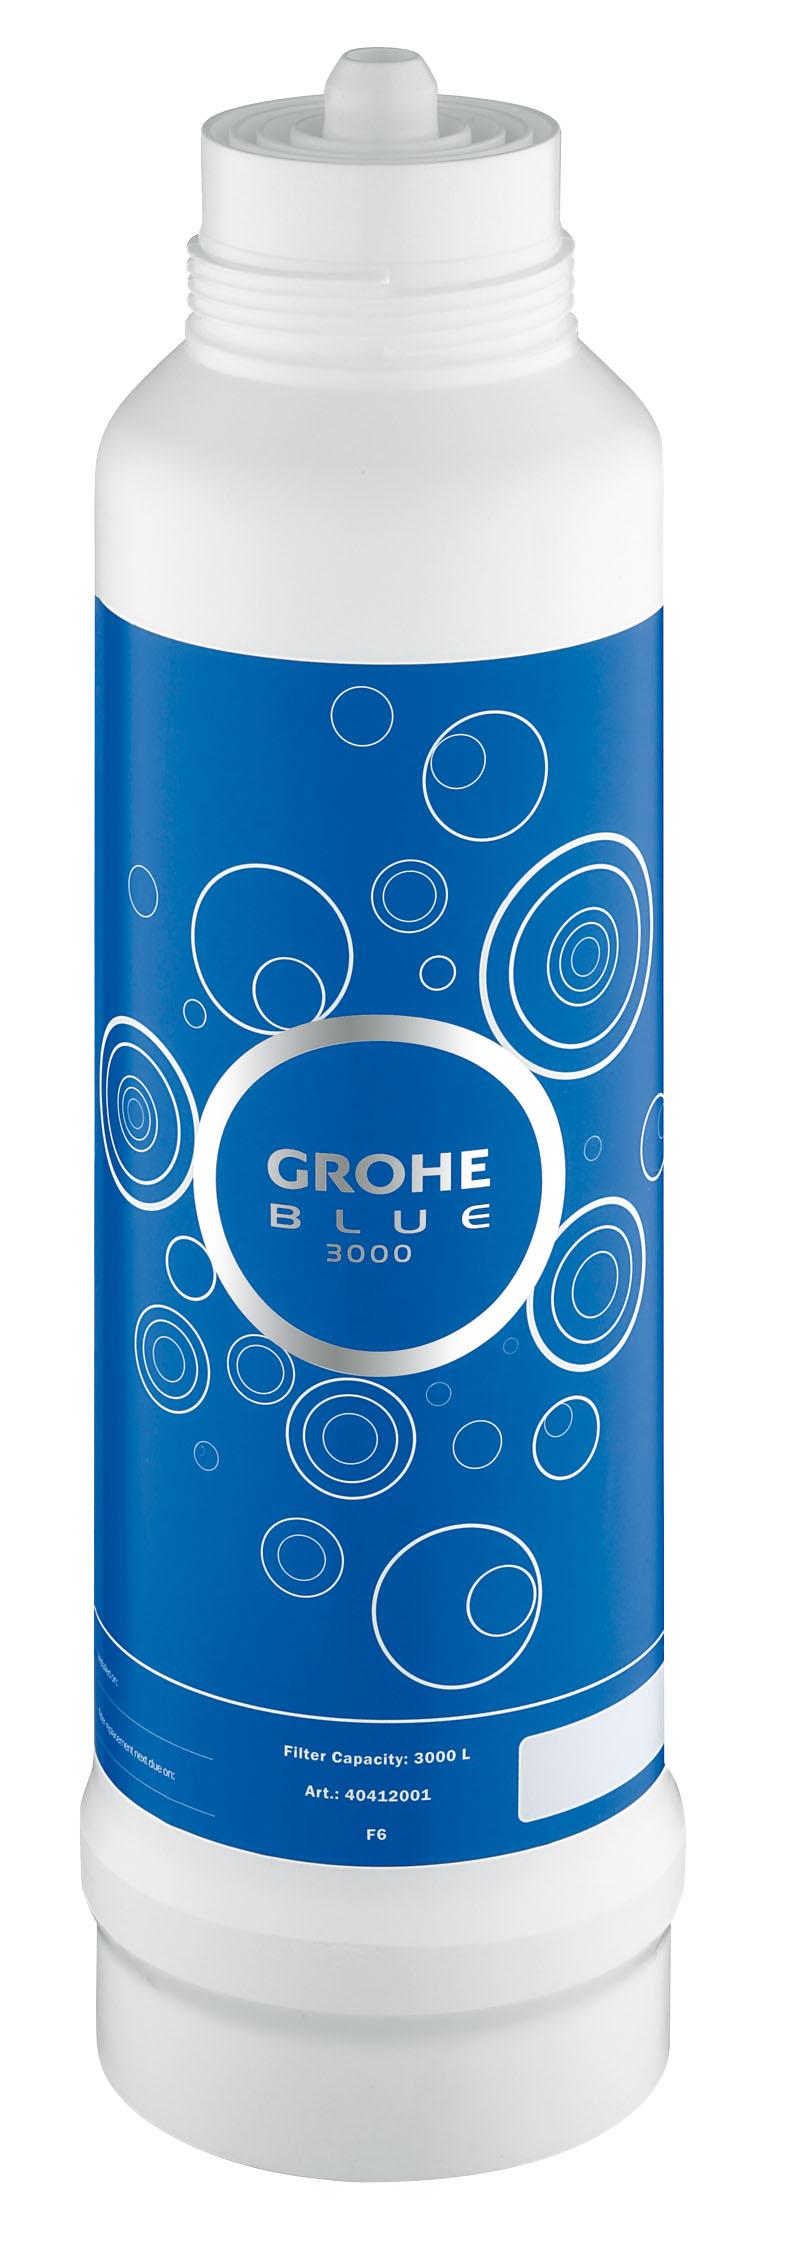 Фильтр сменный для водных систем Grohe Blue, 3000 л40412001GROHE Blue. Cовершенный вкус питьевой воды. Вода – это не только самый ценный ресурс на планете, но и основа существования всего живого. Основой репутации компаний GROHE и BWT – европейских лидеров сферы водопользования – являются принципы безопасности, гигиеничности и высочайшие стандарты качества. Объединив свои наработки и опыт, мы создали принципиально новые системы подачи воды. Инновационные устройства серии GROHE Blue превращают водопроводную воду в чистейшую питьевую.Эту воду Вы будете с наслаждением использовать ежедневно. Фильтры GROHE Blue понижают содержание извести в водопроводной воде и превращают ее в приятную на вкус и пригодную для питья. Уникальная технология 5-ступенчатой фильтрации очищает воду от всех примесей, ухудшающих ее вкус и запах. В результате получается чистейшая вода – без тяжелых металлов, примесей, извести и хлора.Как работает фильтр GROHE Blue:1) Предварительная фильтрация - предварительная грубая очистка от частиц, попадающих в воду при ее прохождении через систему водоснабжения, удерживает крупные частицы; 2) Предварительная фильтрация на основе активированного угля - вторая ступень предварительной фильтрации, очищающая воду от источников неприятного запаха и вкуса (например, хлора); 3) Ионообменный фильтр - прохождение воды через высокопроизводительный ионообменник, понижающий содержание извести и тяжелых металлов. Смягчает воду, снижая карбонатную жесткость, и связывает ионы тяжелых металлов, таких как свинец и медь; 4) Фильтр из активированного угля - фильтрация на основе активированного угля устраняет неприятный вкус, придаваемый воде хлором и органическими примесями; 5) Фильтр тонкой очистки - удерживает частицы величиной до 10 микрон.Комплект поставкии:BWT фильтр для GROHEBlue Объем 3000 л Для использования с головкой фильтра GROHE Blue 64 508 001 Видео по установке является исключительно информационным. Установка должна проводиться профессионалами!